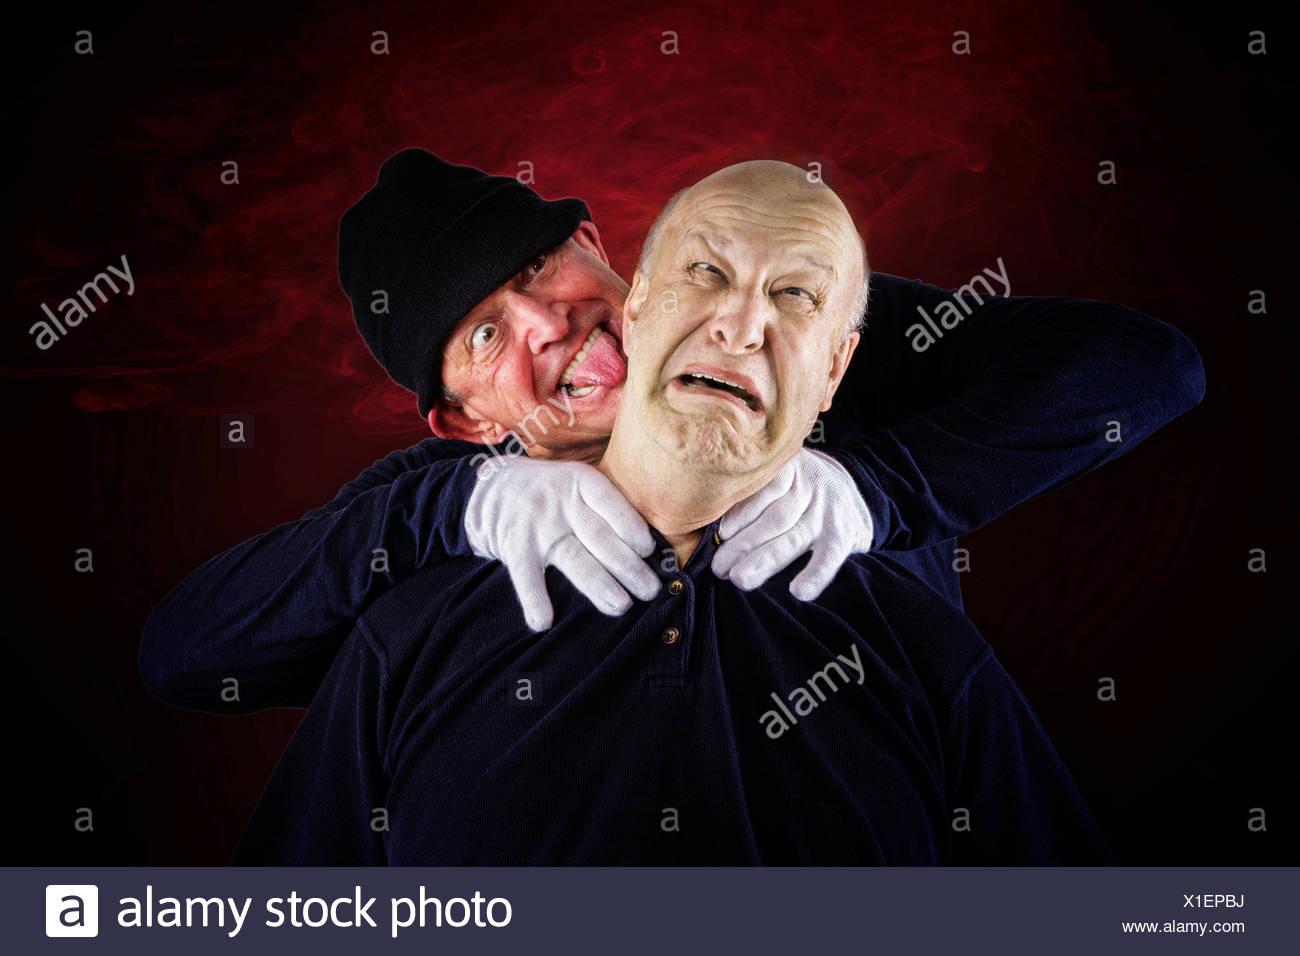 Senioren, 62 Jahre, erstickt seine Partnerin, 55 Jahre, nach einem Streit Stockbild